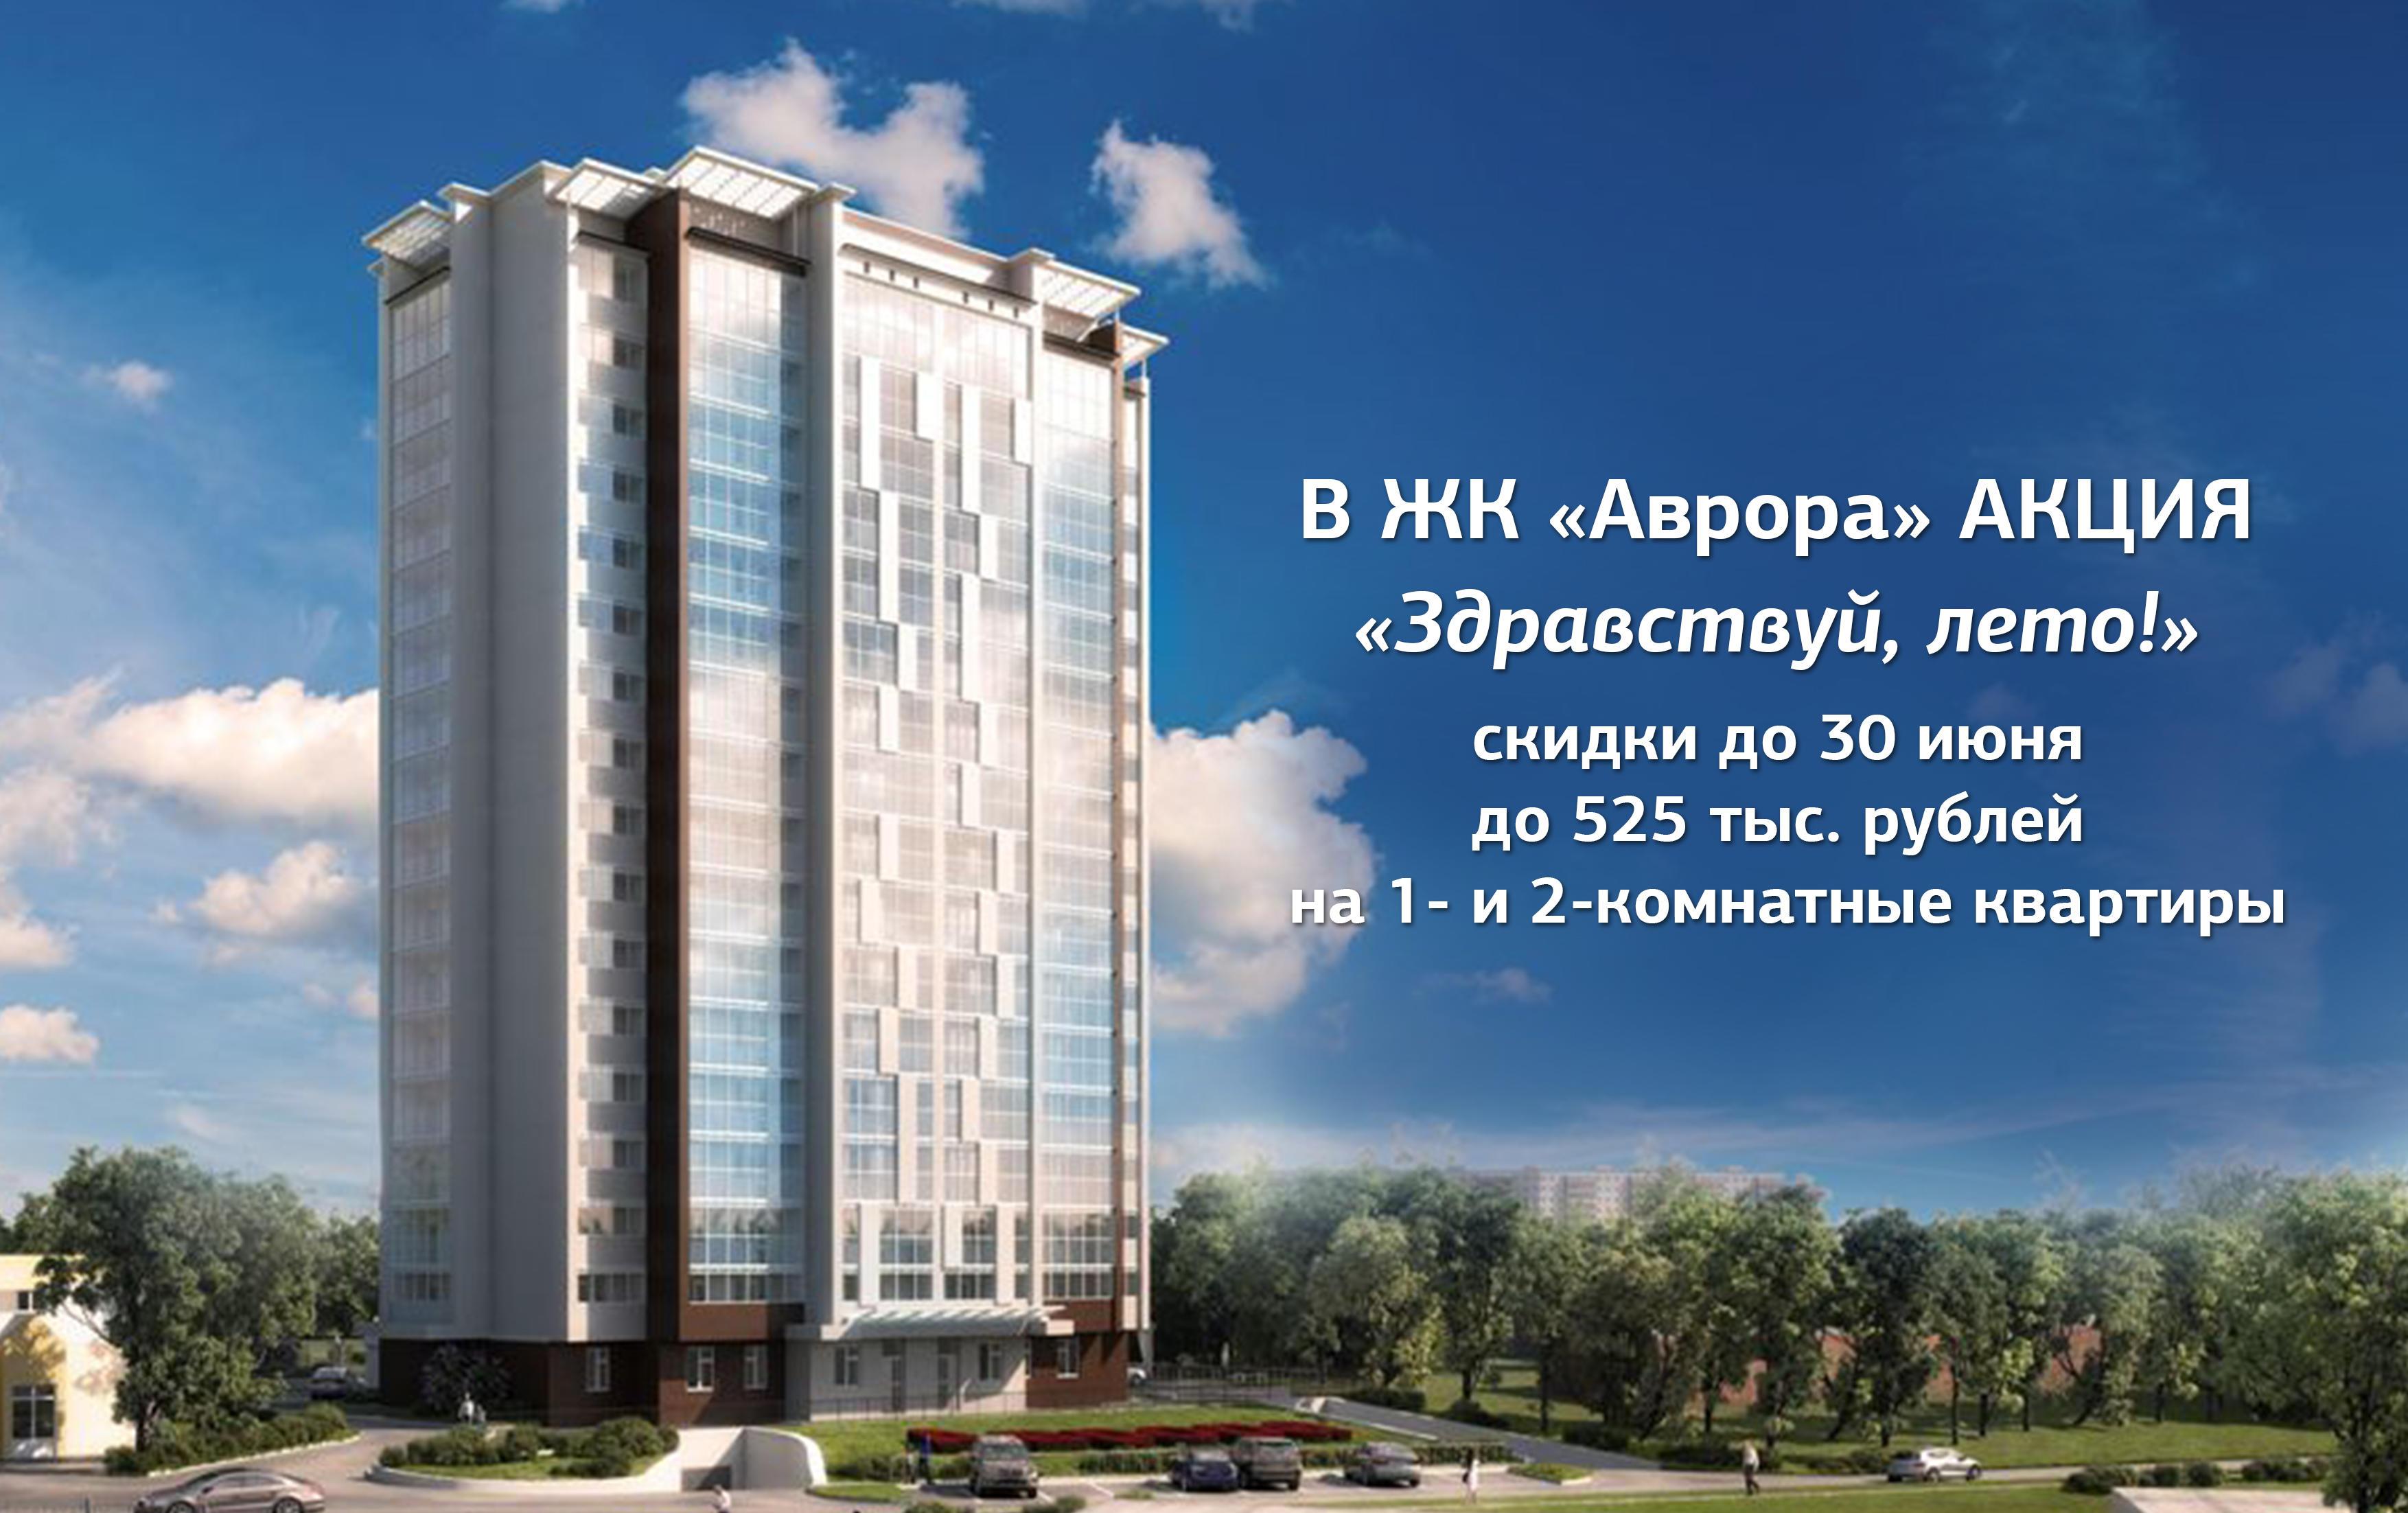 Только 10 дней квартиры с ремонтом в центре города от 2500 тыс. рублей!